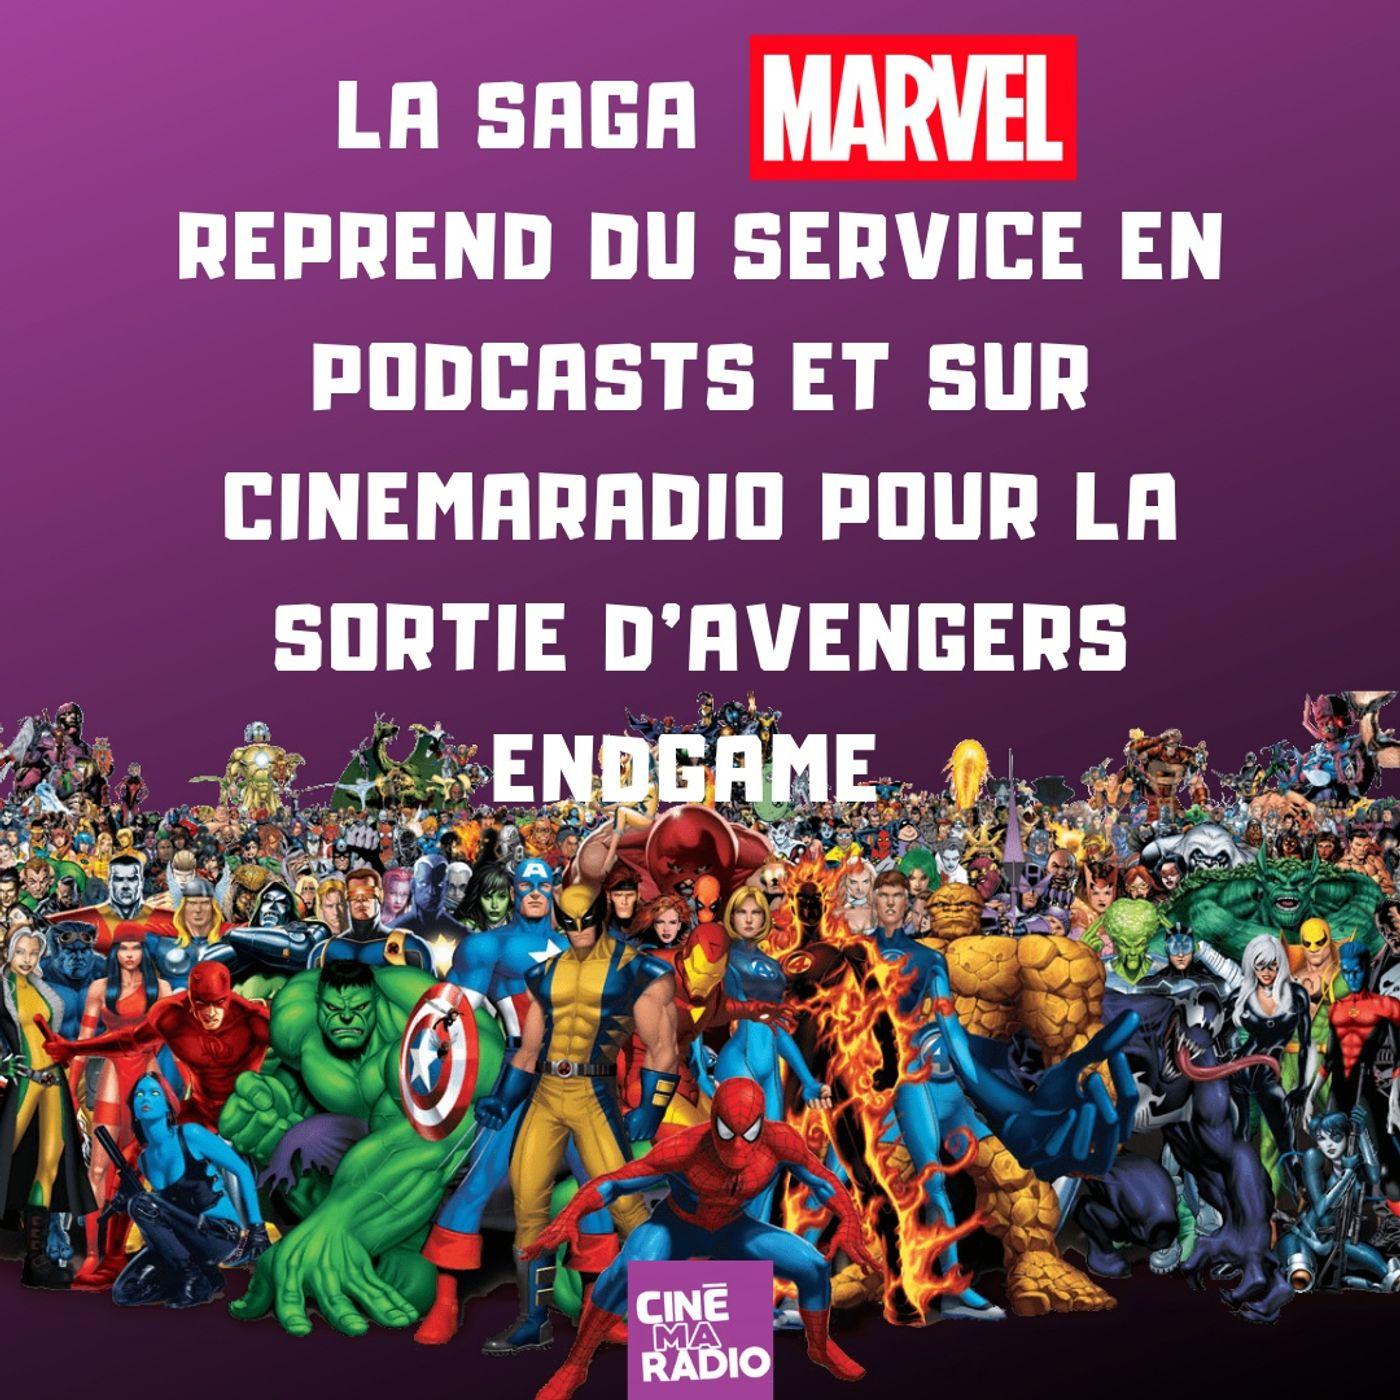 DOSSIER HISTORIQUE DE MARVEL COMICS